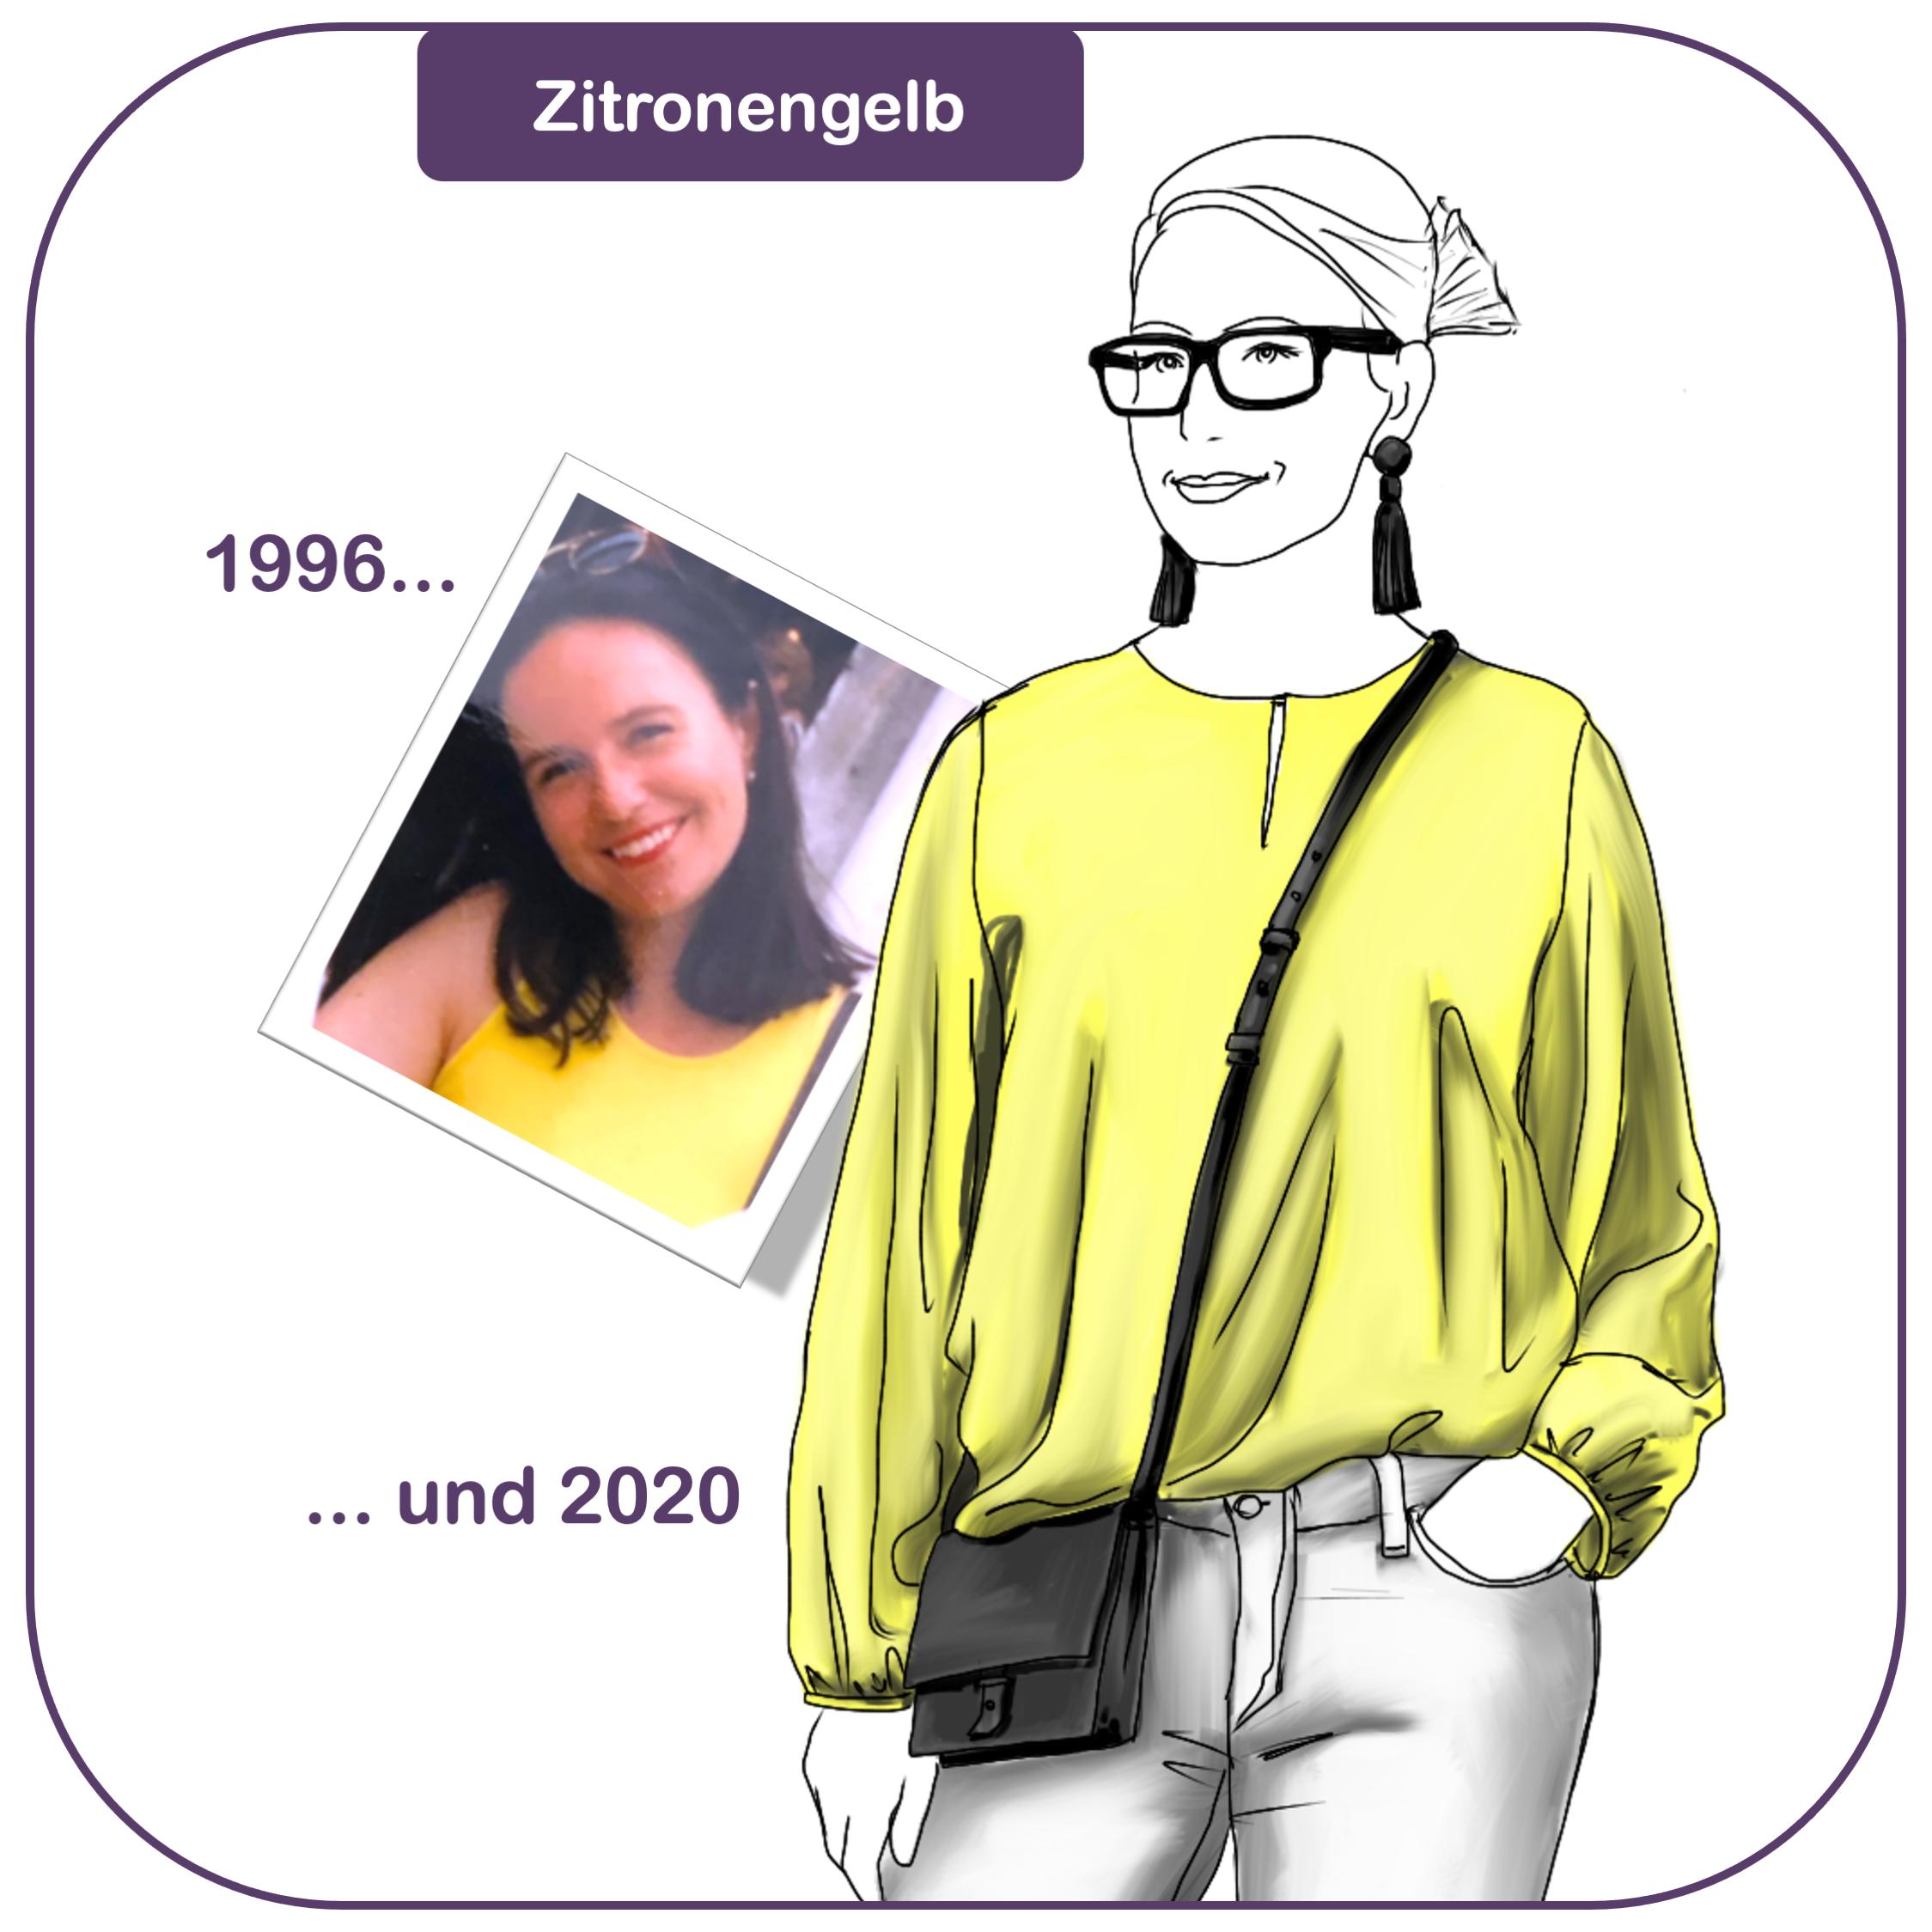 Modefarbe Gelb kombinieren - Modeflüsterinträgt eine zitronengelbe Bluse mit weisser Jeans